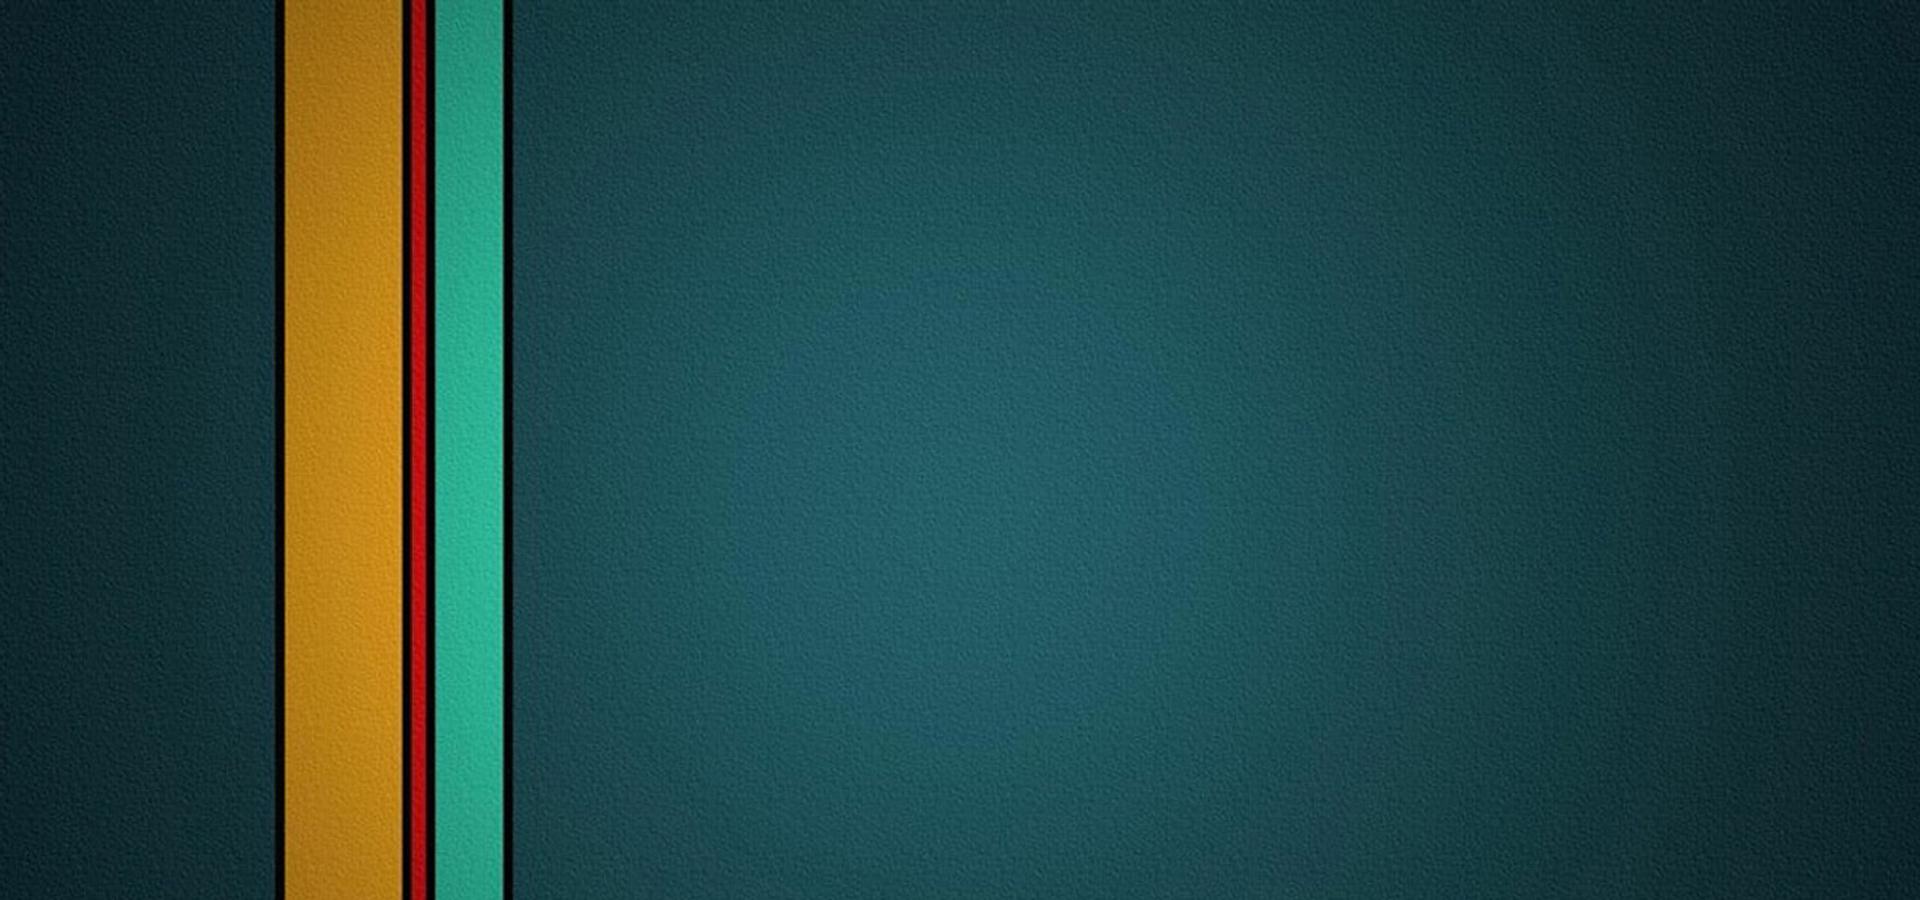 la couleur de fond de r u00e9tro r u00e9tro bleu vert des bandes